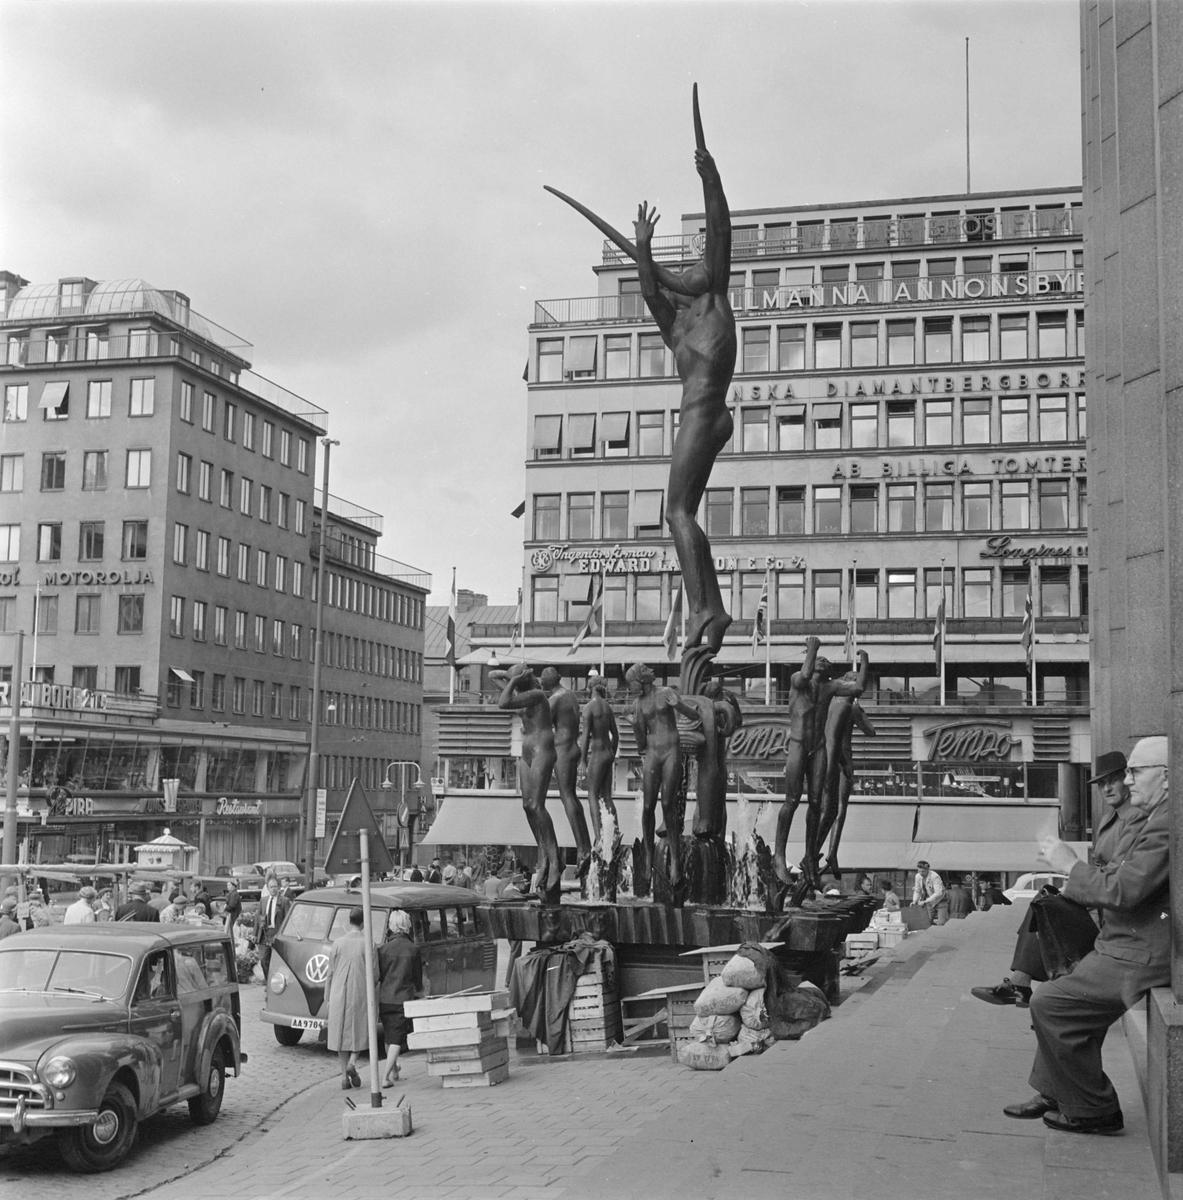 Fontänskulptur Orfeusgruppen av Carl Milles framför Konserthuset på Hötorget i Stockholm